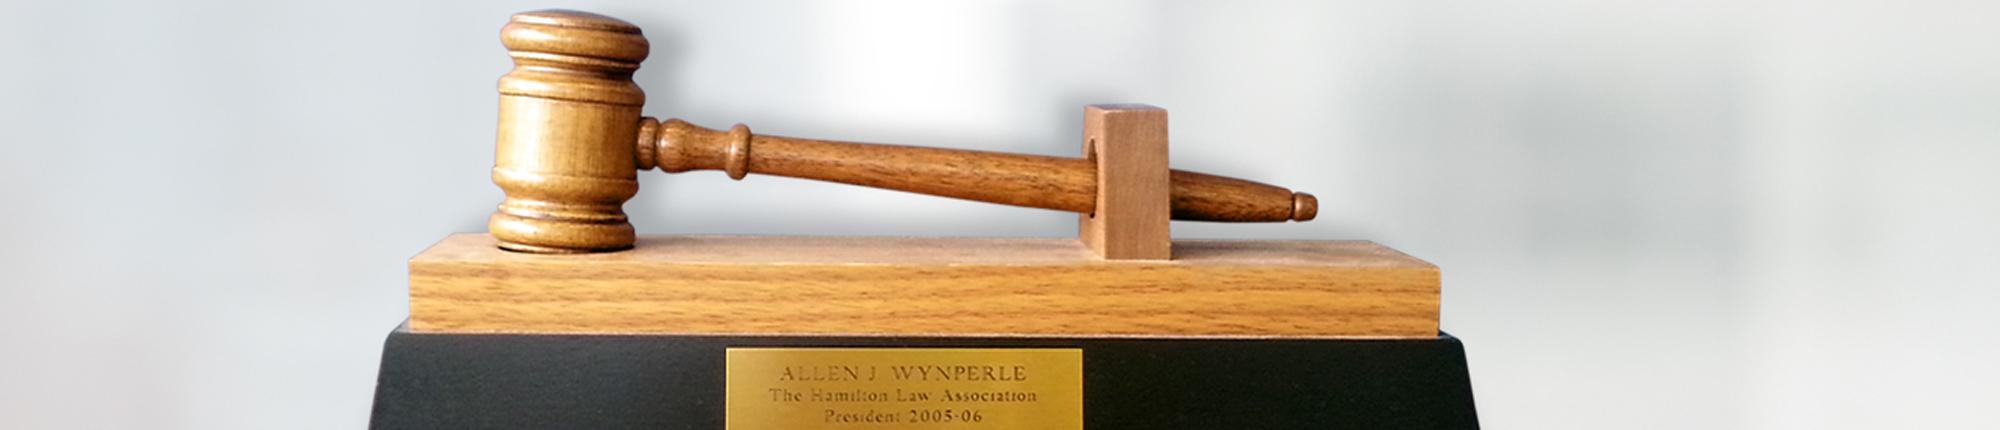 Wynperle Court Hammer